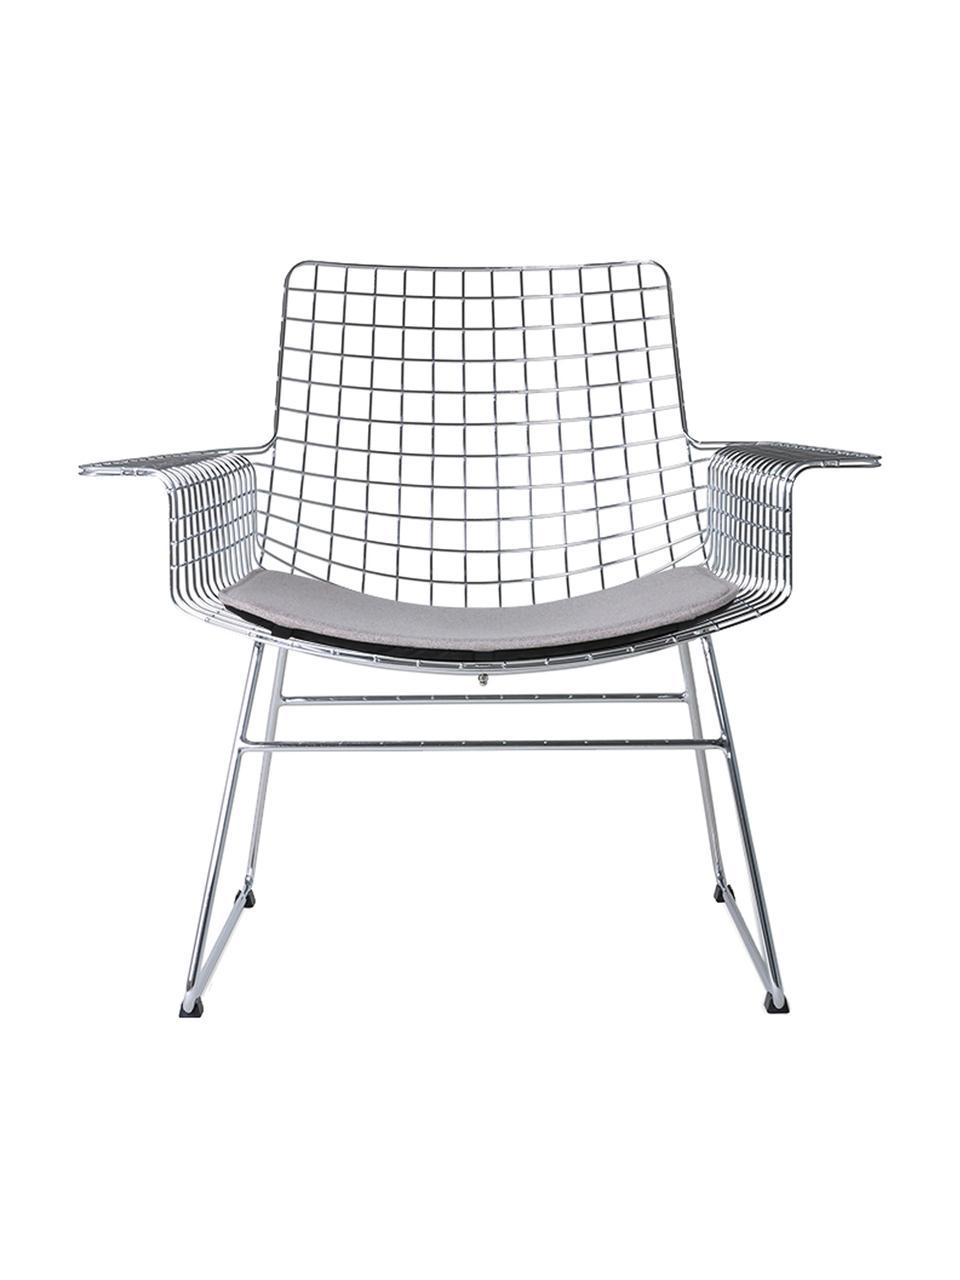 Sedia a poltrona in metallo color cromo Wire, Metallo cromato, Cromo, Larg. 84 x Prof. 70 cm